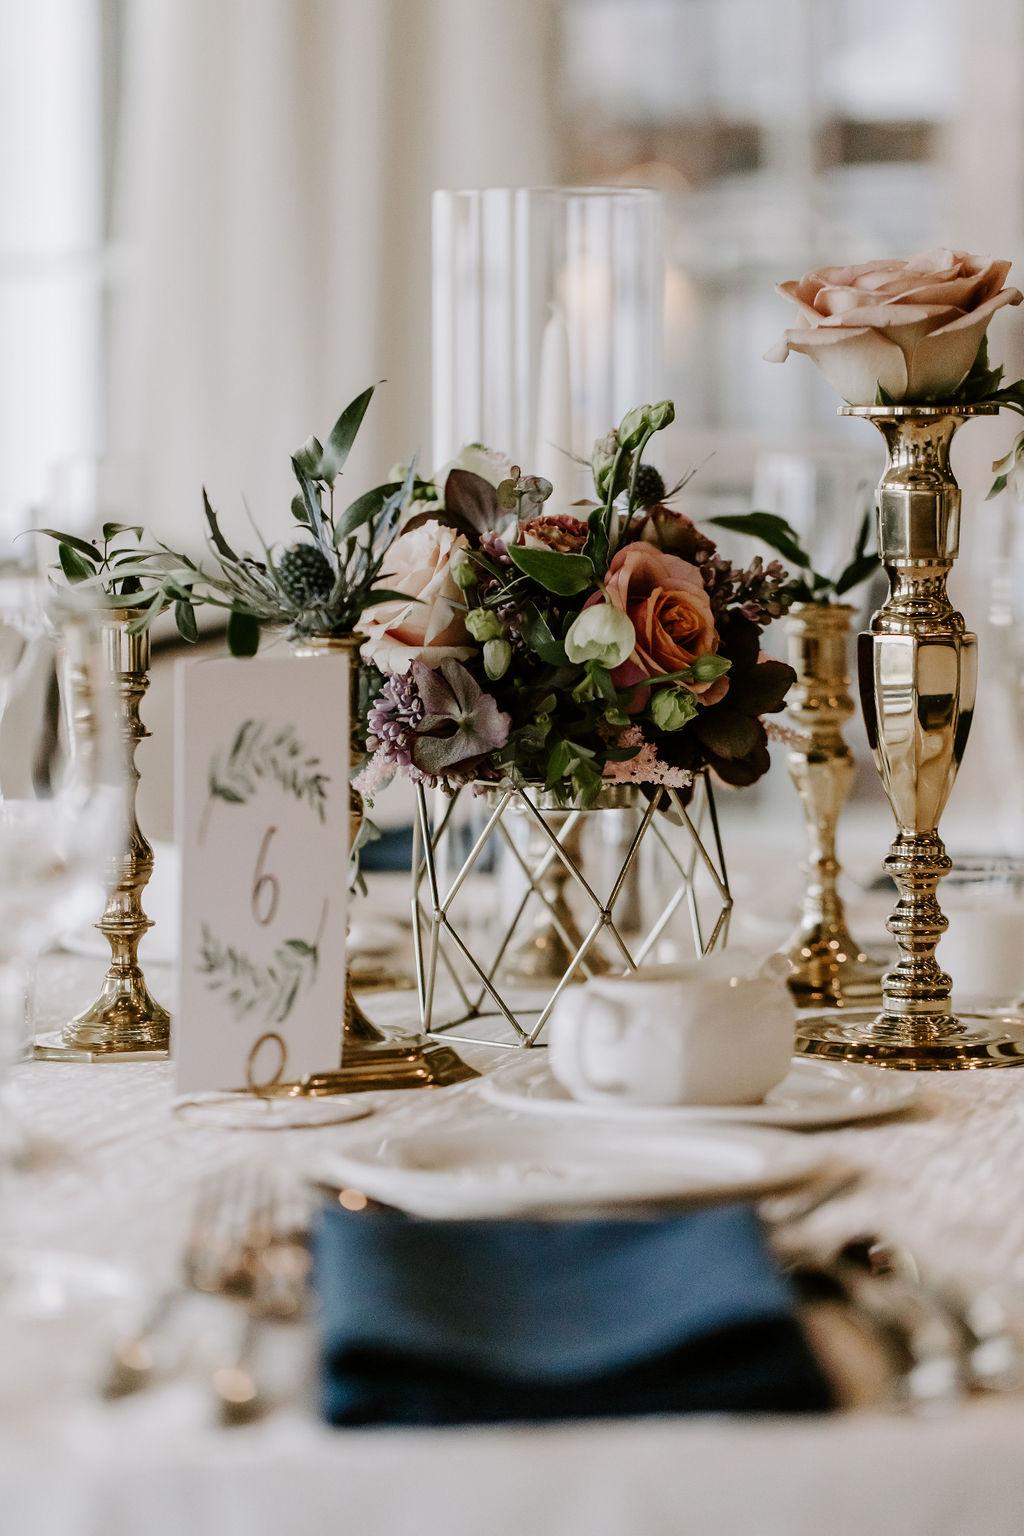 saybrook-point-inn-and-spa-wedding-flowers-13